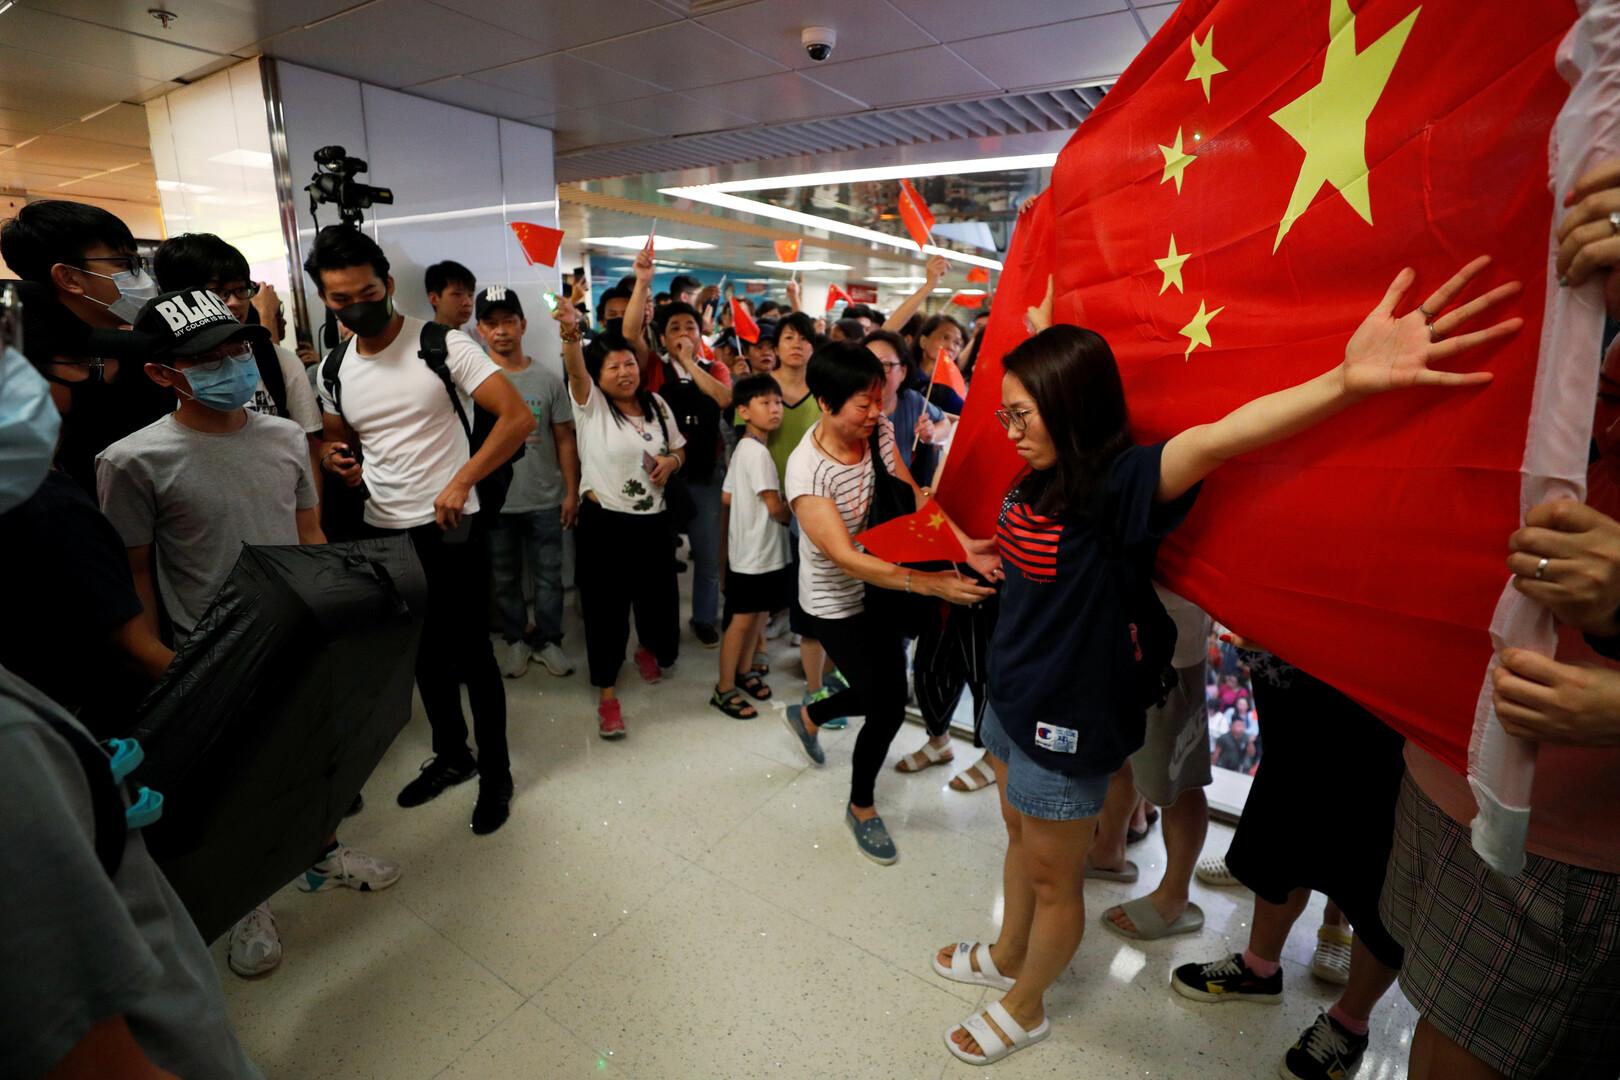 احتجاجات هونغ كونغ تدخل أسبوعها الـ15 باشتباكات بين المتظاهرين المتنافسين